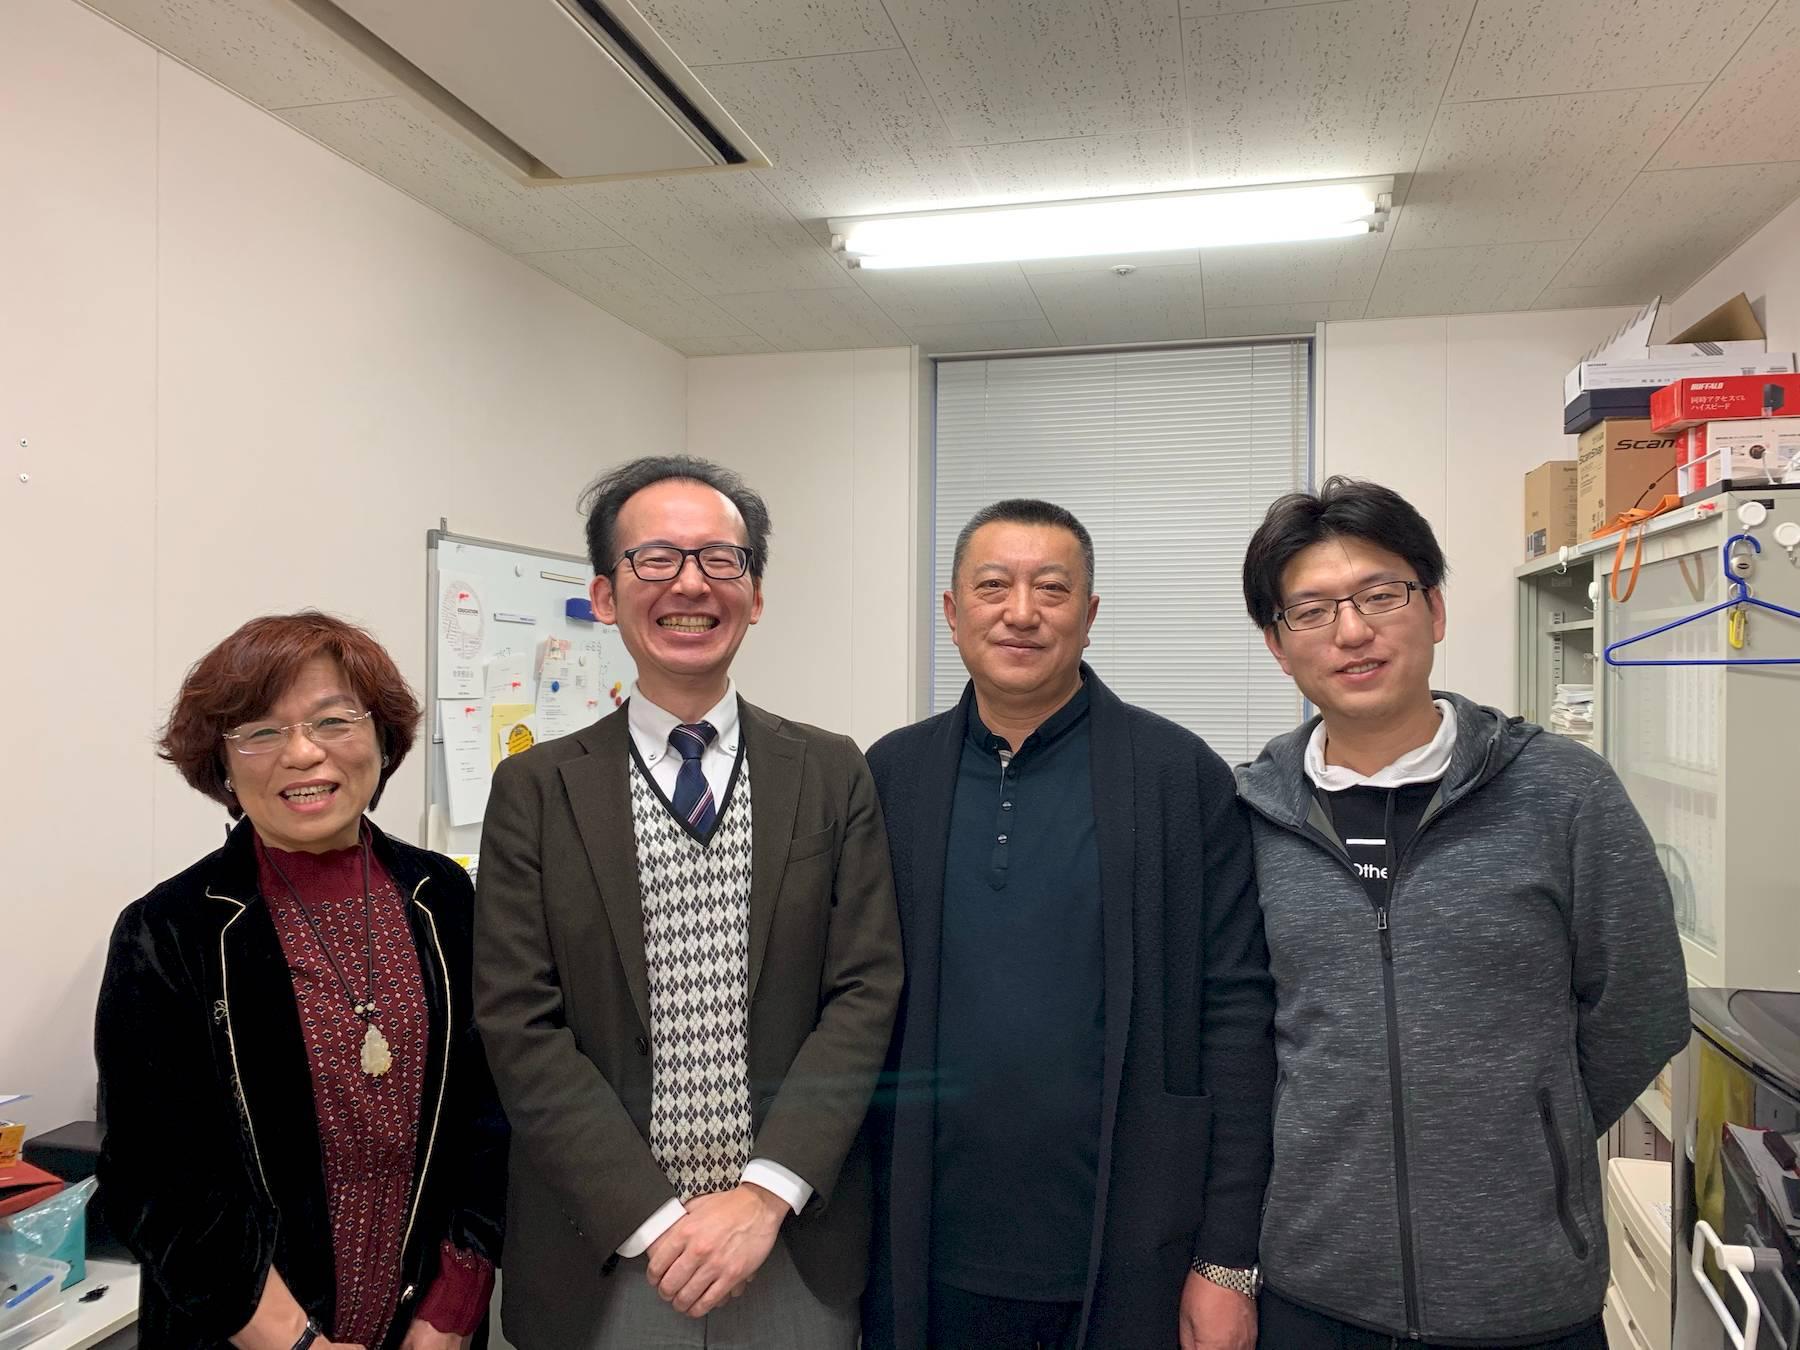 坪井准教授と鞠さんとそのご両親